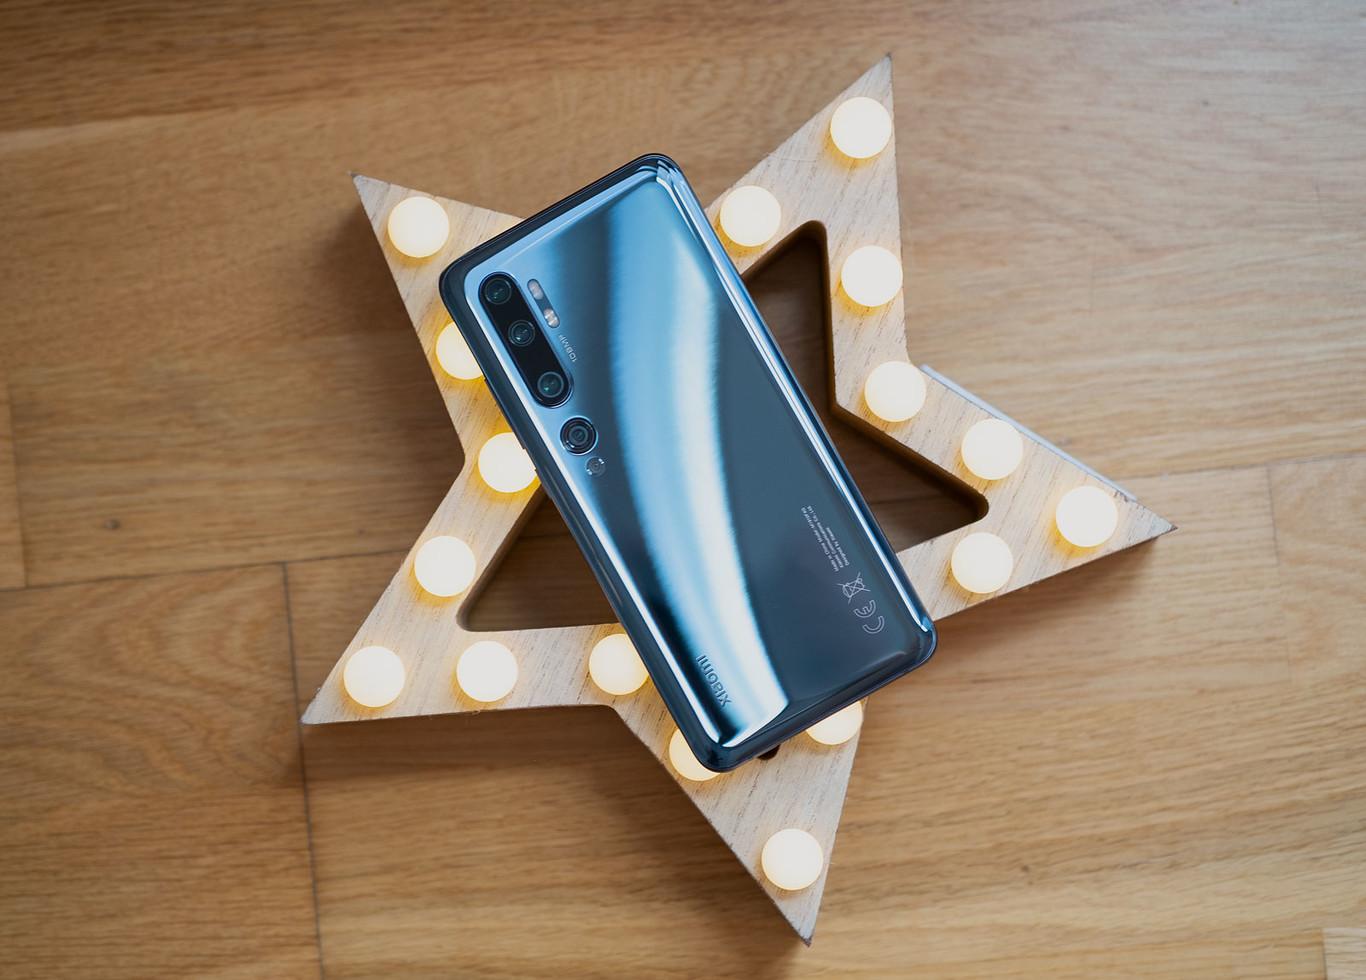 Xiaomi Mi Note 10, Realme X2 Pro, iPhone XR al mejor precio y grandes ofertas previas al Día del Soltero en Cazando Gangas